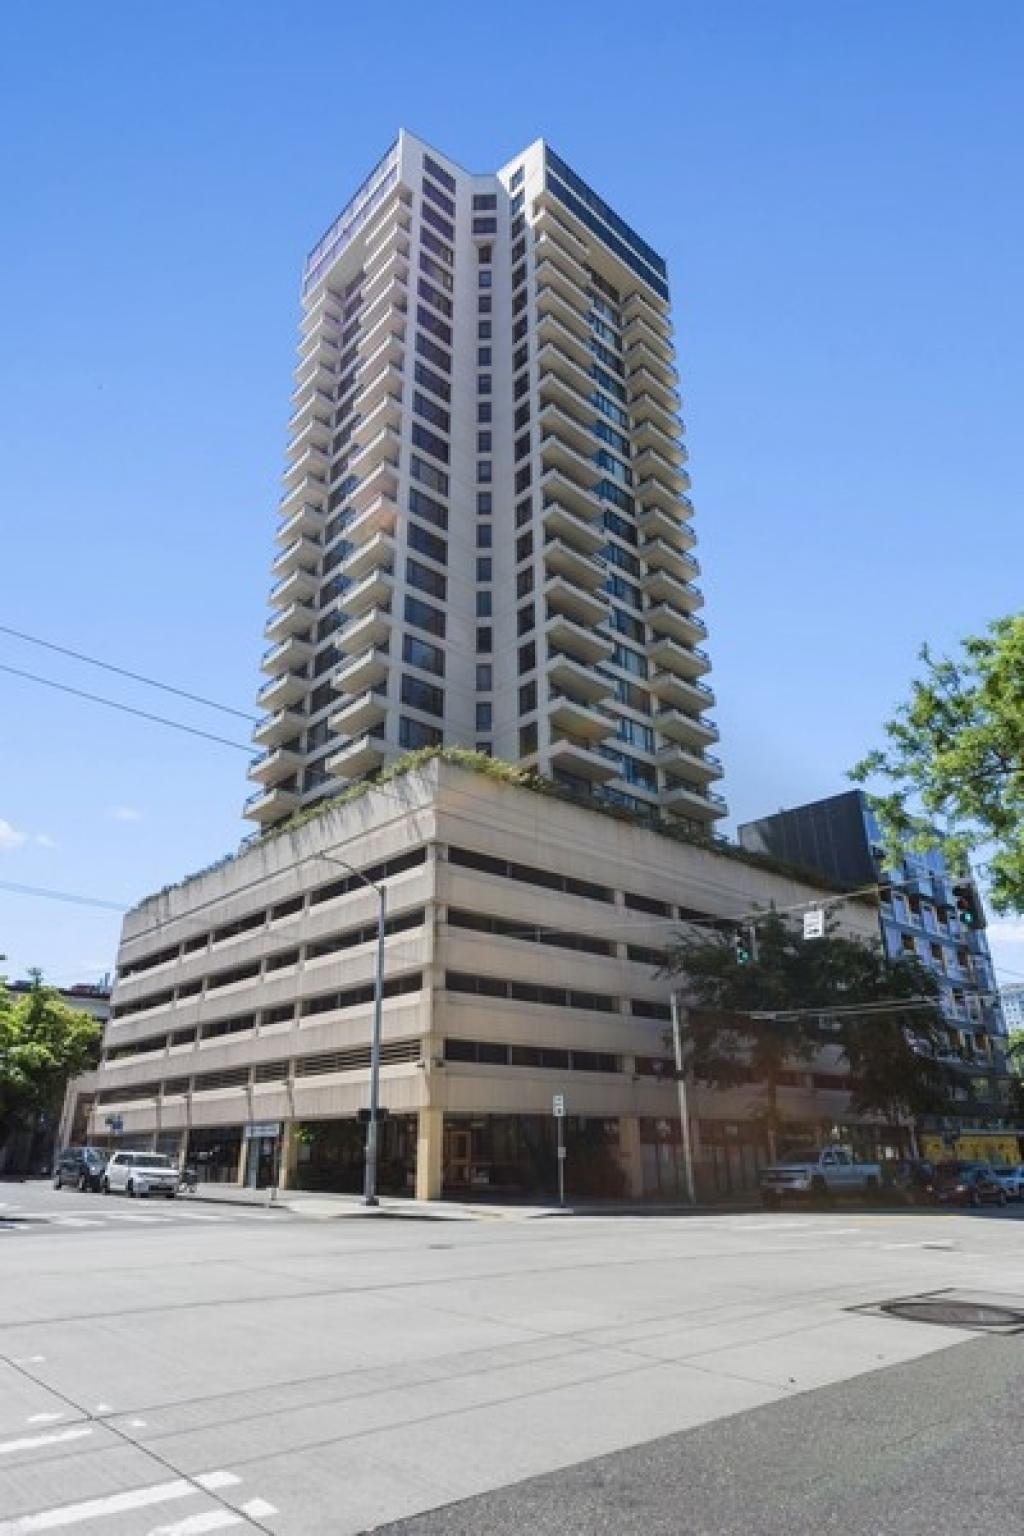 The Grandview Condominiums